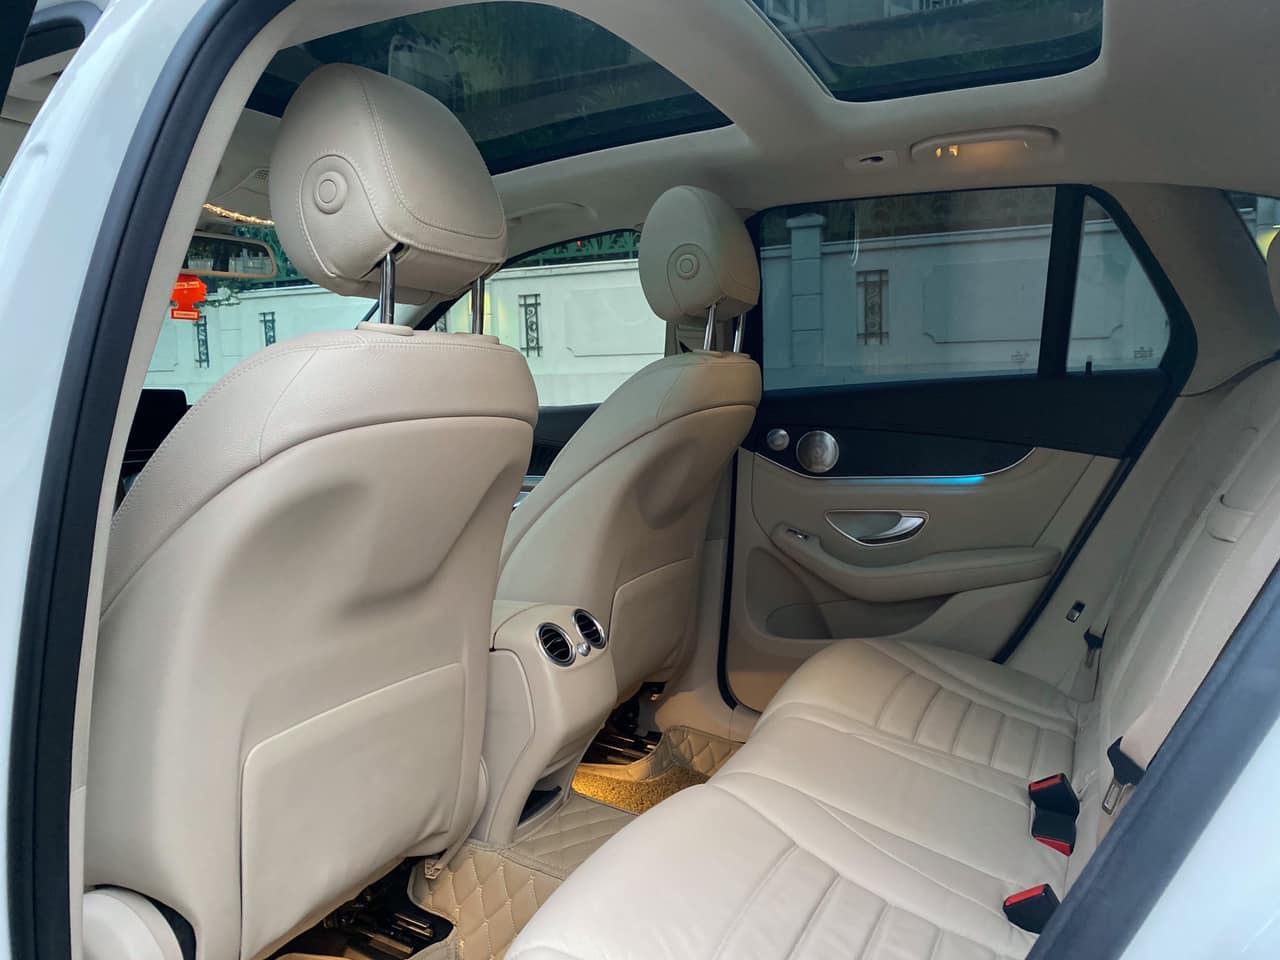 Quốc Duy Auto - Bán xe Mercedes GLC300 trắng/kem 2017 siêu mới - trả trước 650 triệu nhận xe ngay